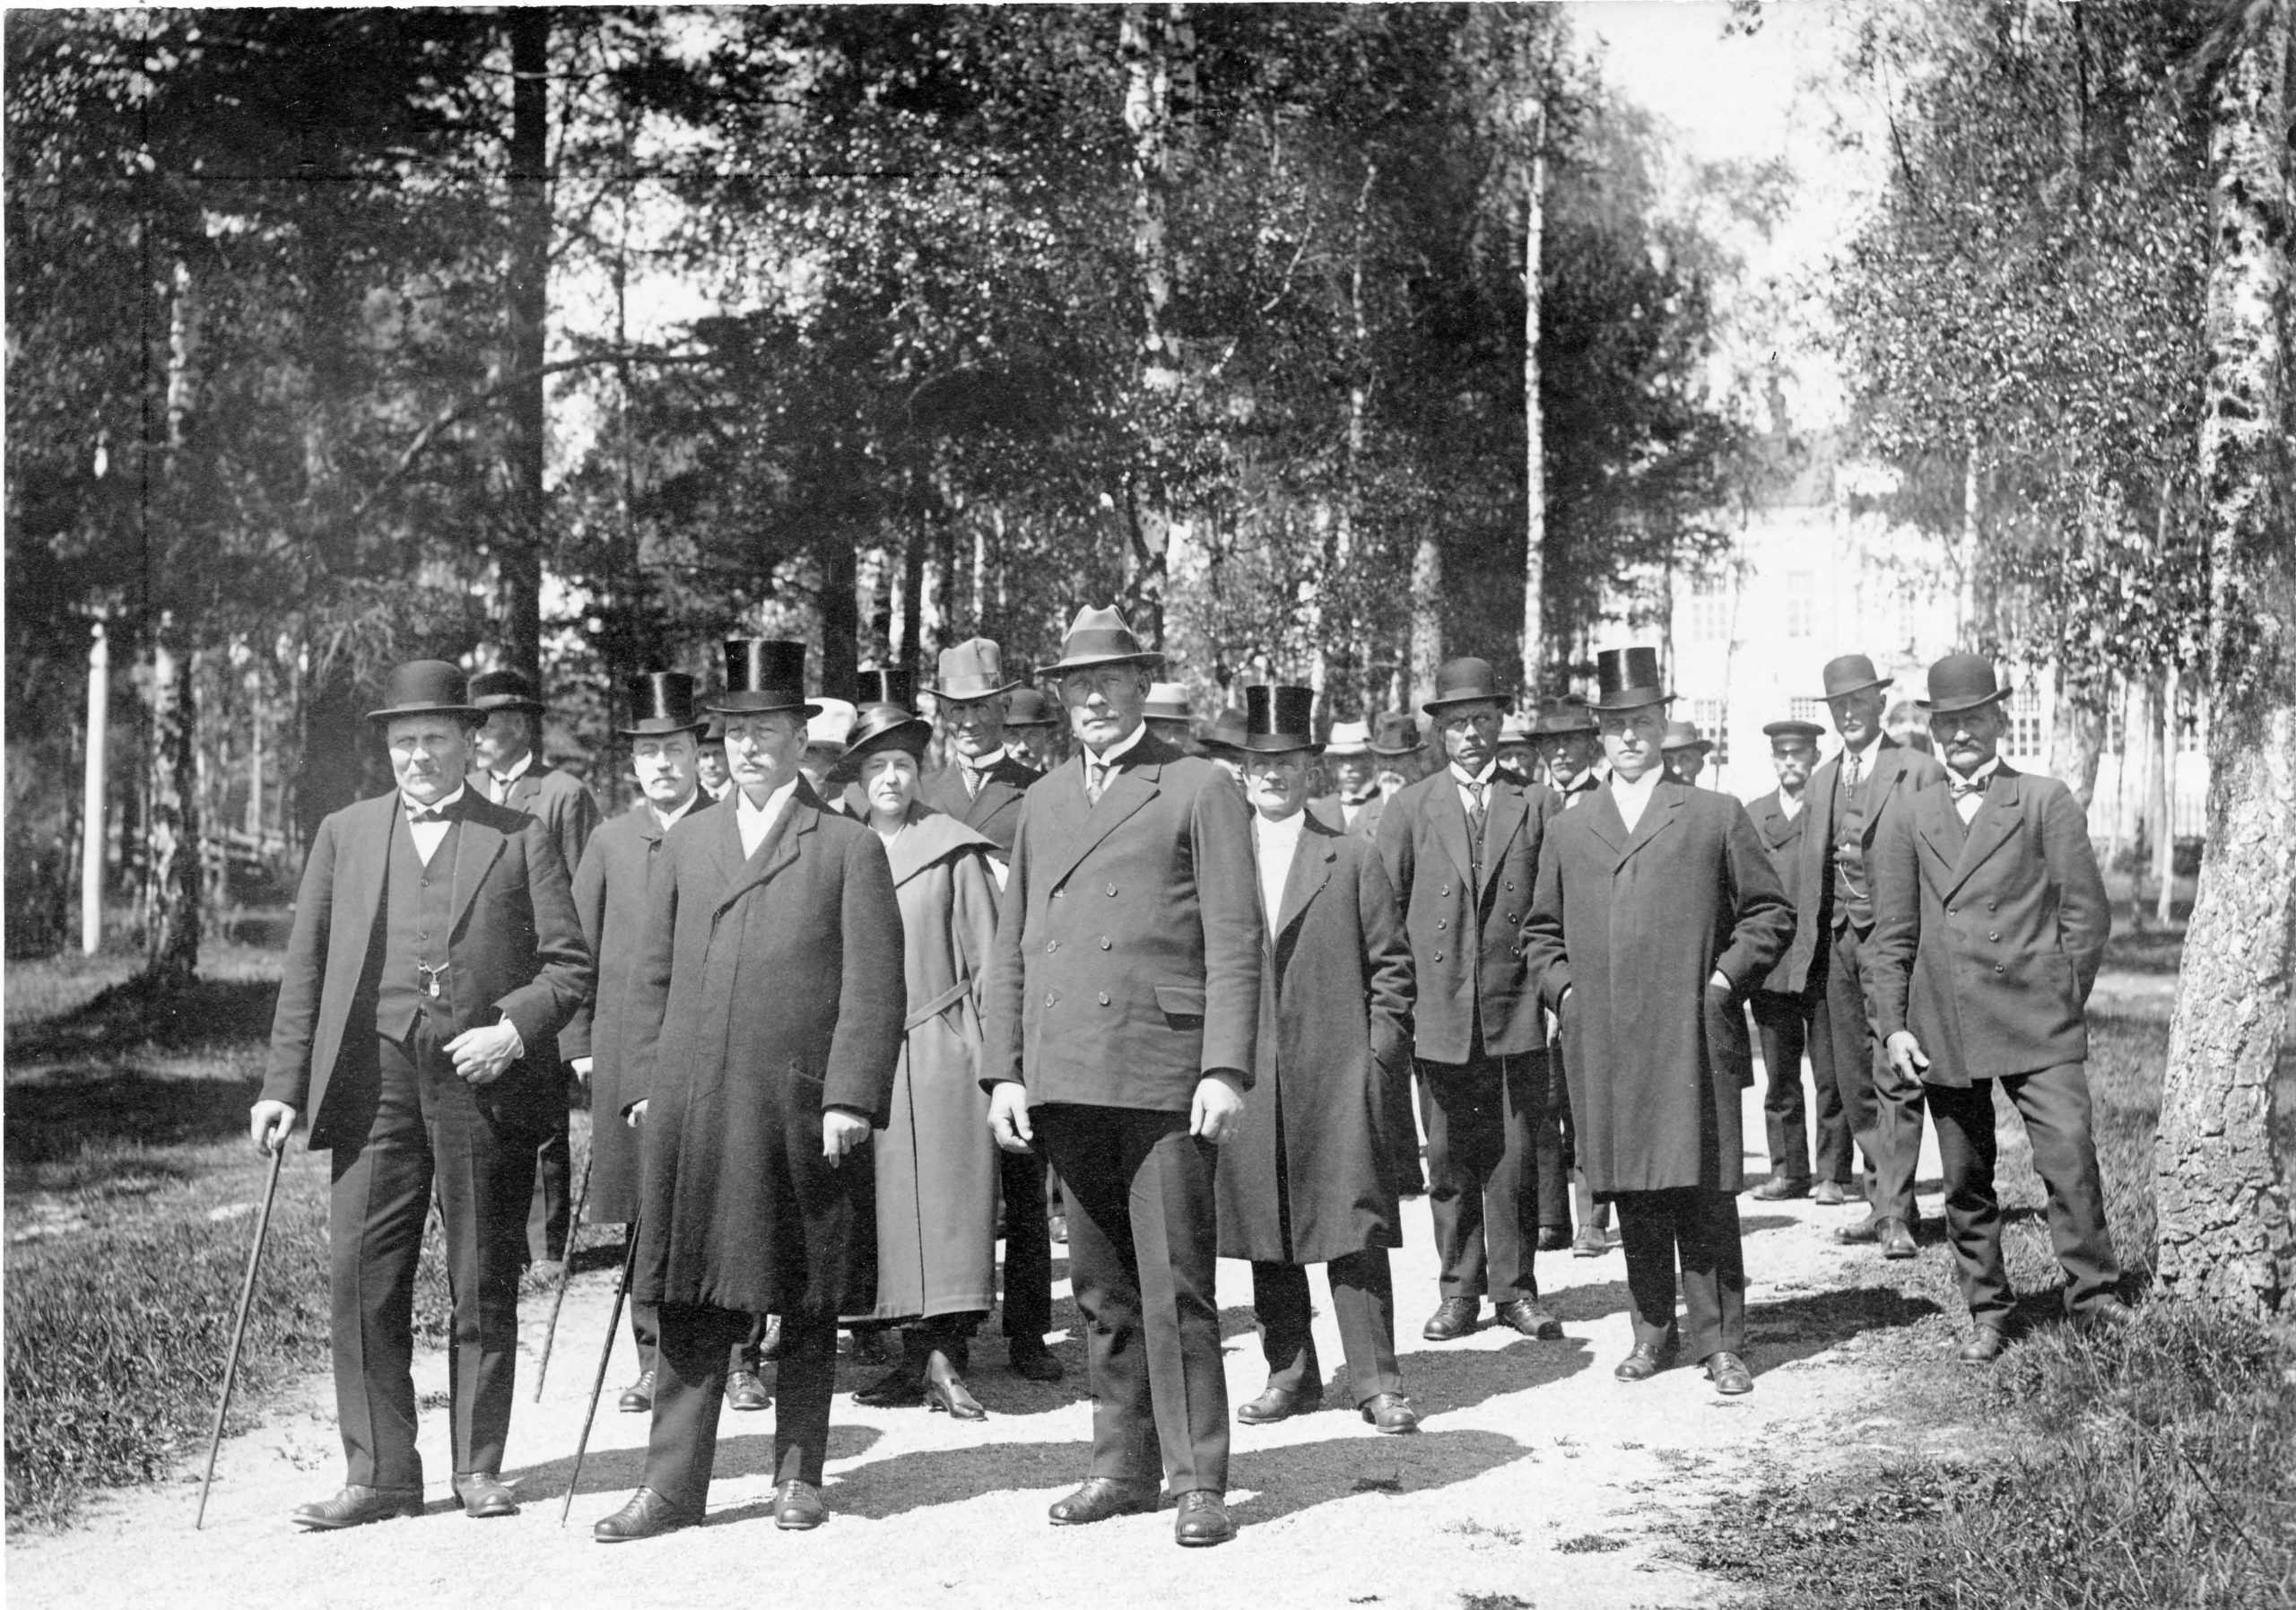 Medlemmar av Ålands landsting på väg till kyrkan i Mariehamn. På bilden ses bl.a. Johannes Eriksson, August Karlsson, Julius Sundblom och Fanny Sundström. Ålands Museum